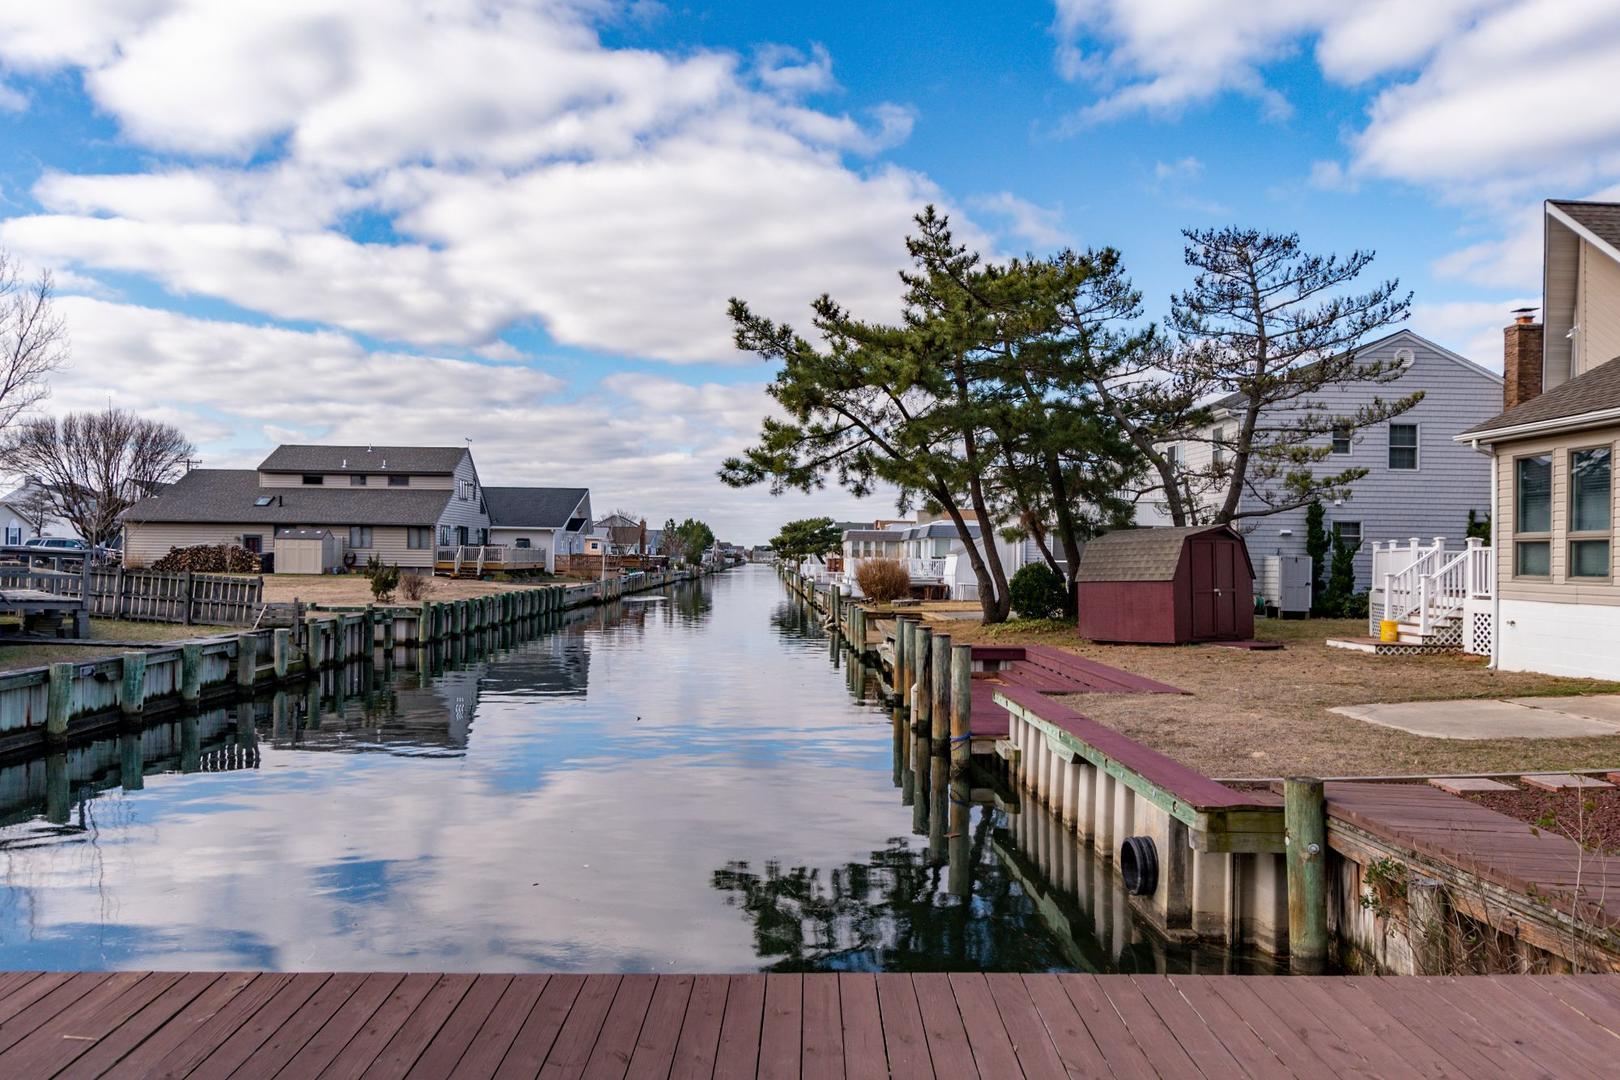 Channel Buoy Retreat - Dock Area